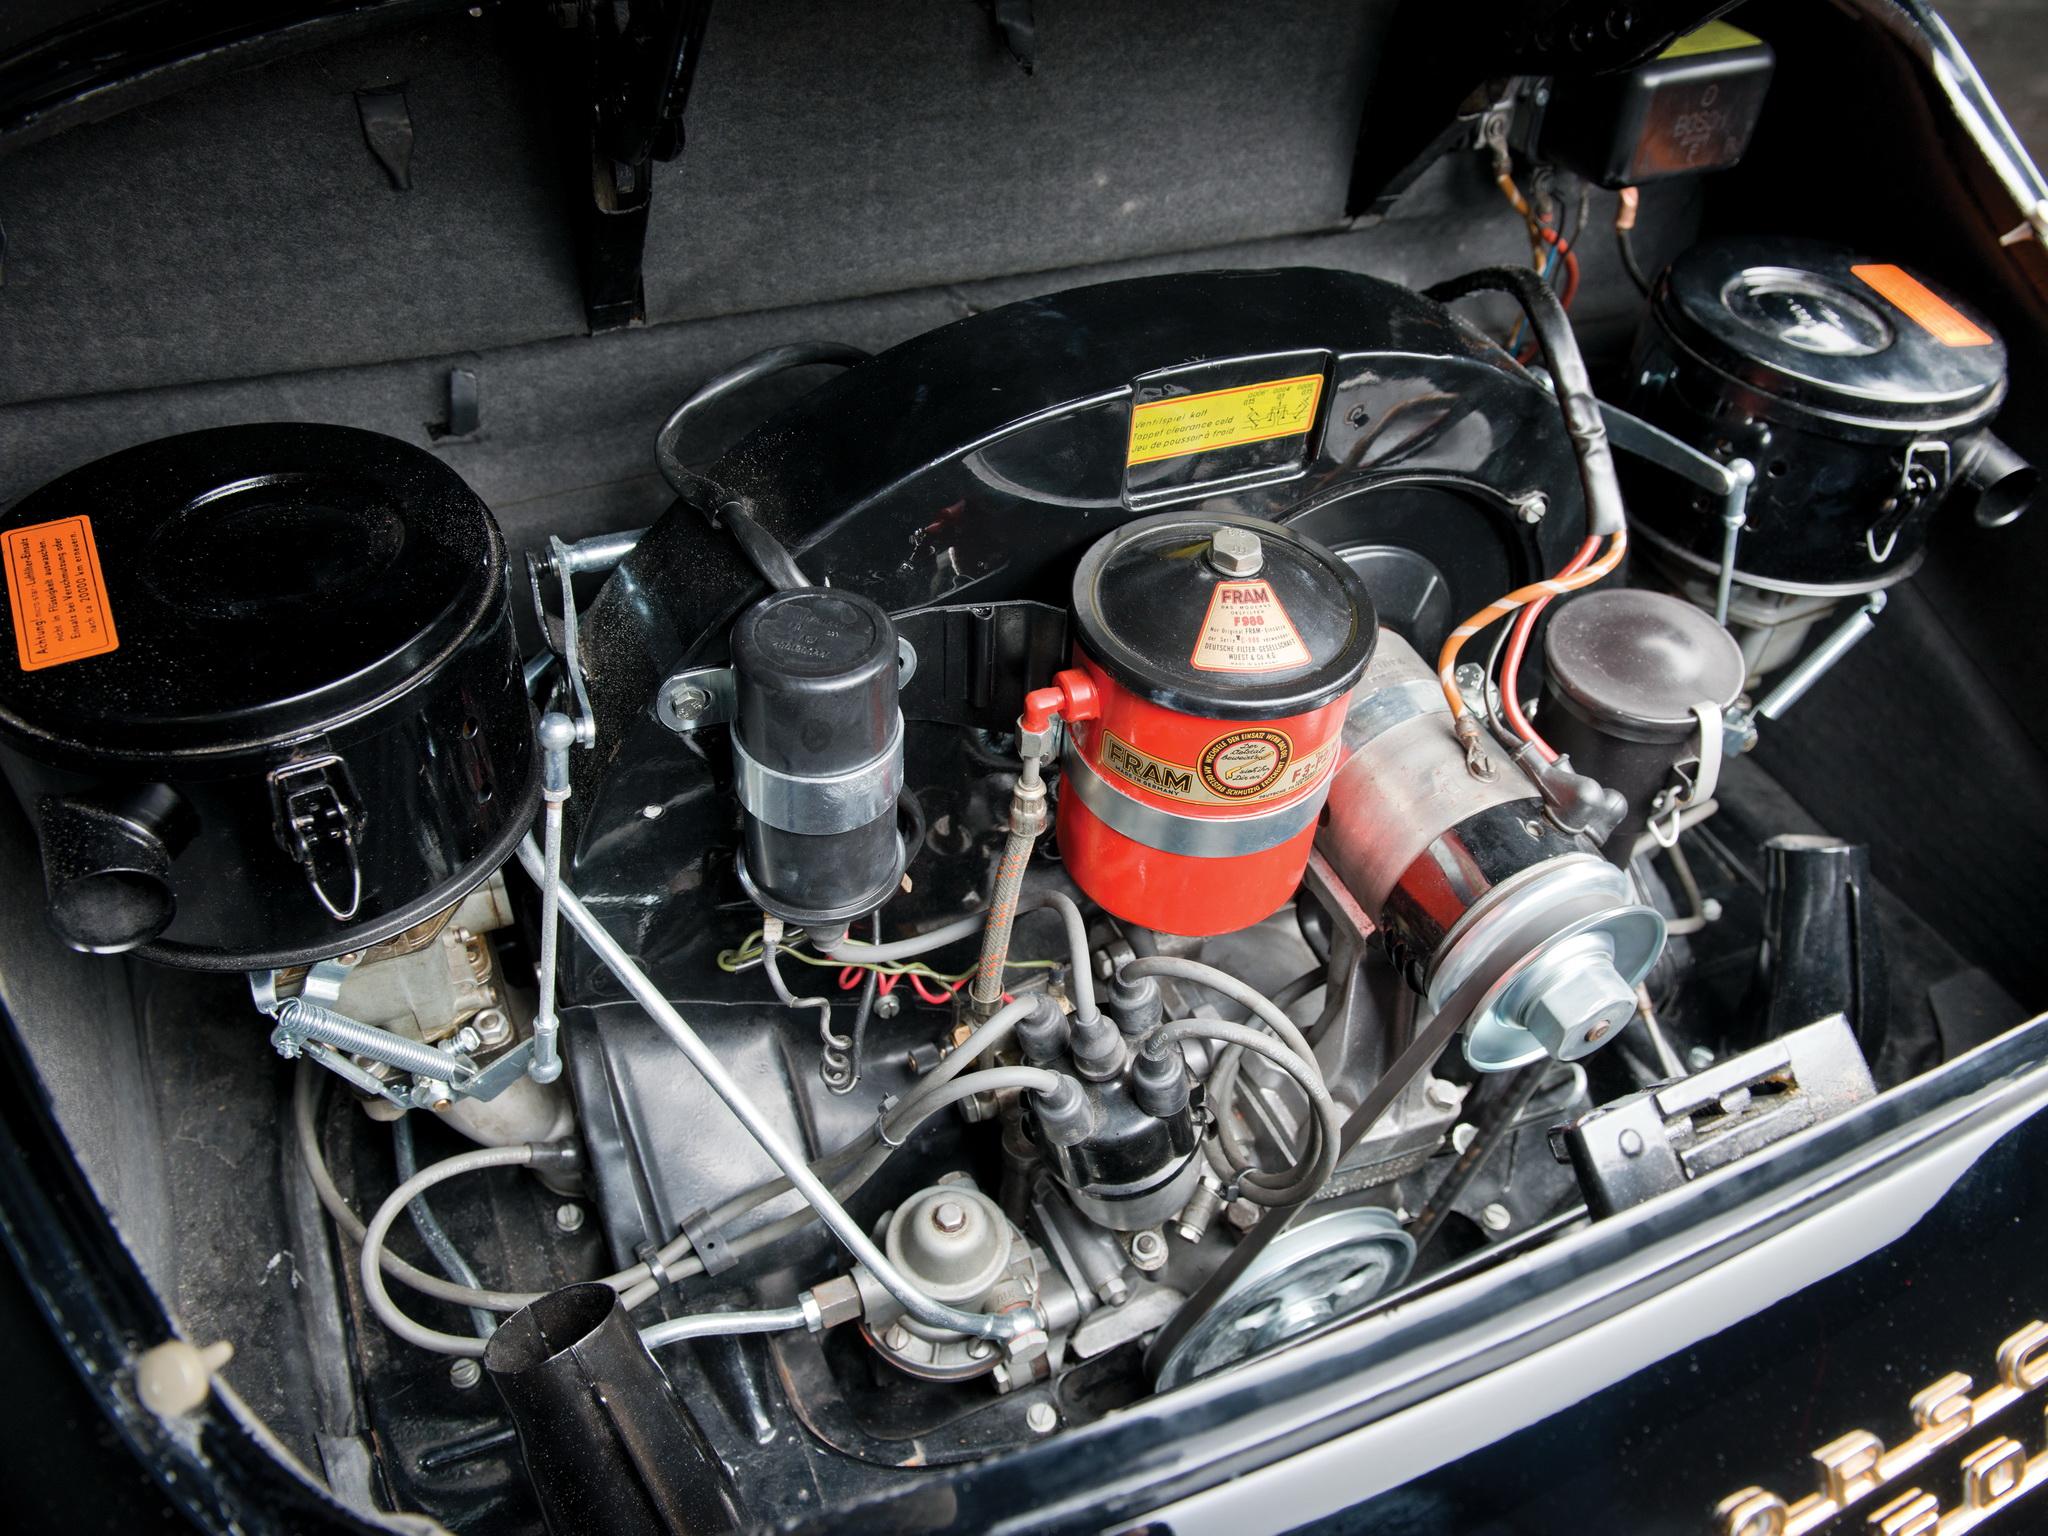 1958 porsche 356a 1600 cabriolet reutter t 2 retro engine engines g wallpaper 2048x1536 - Porsche engine wallpaper ...